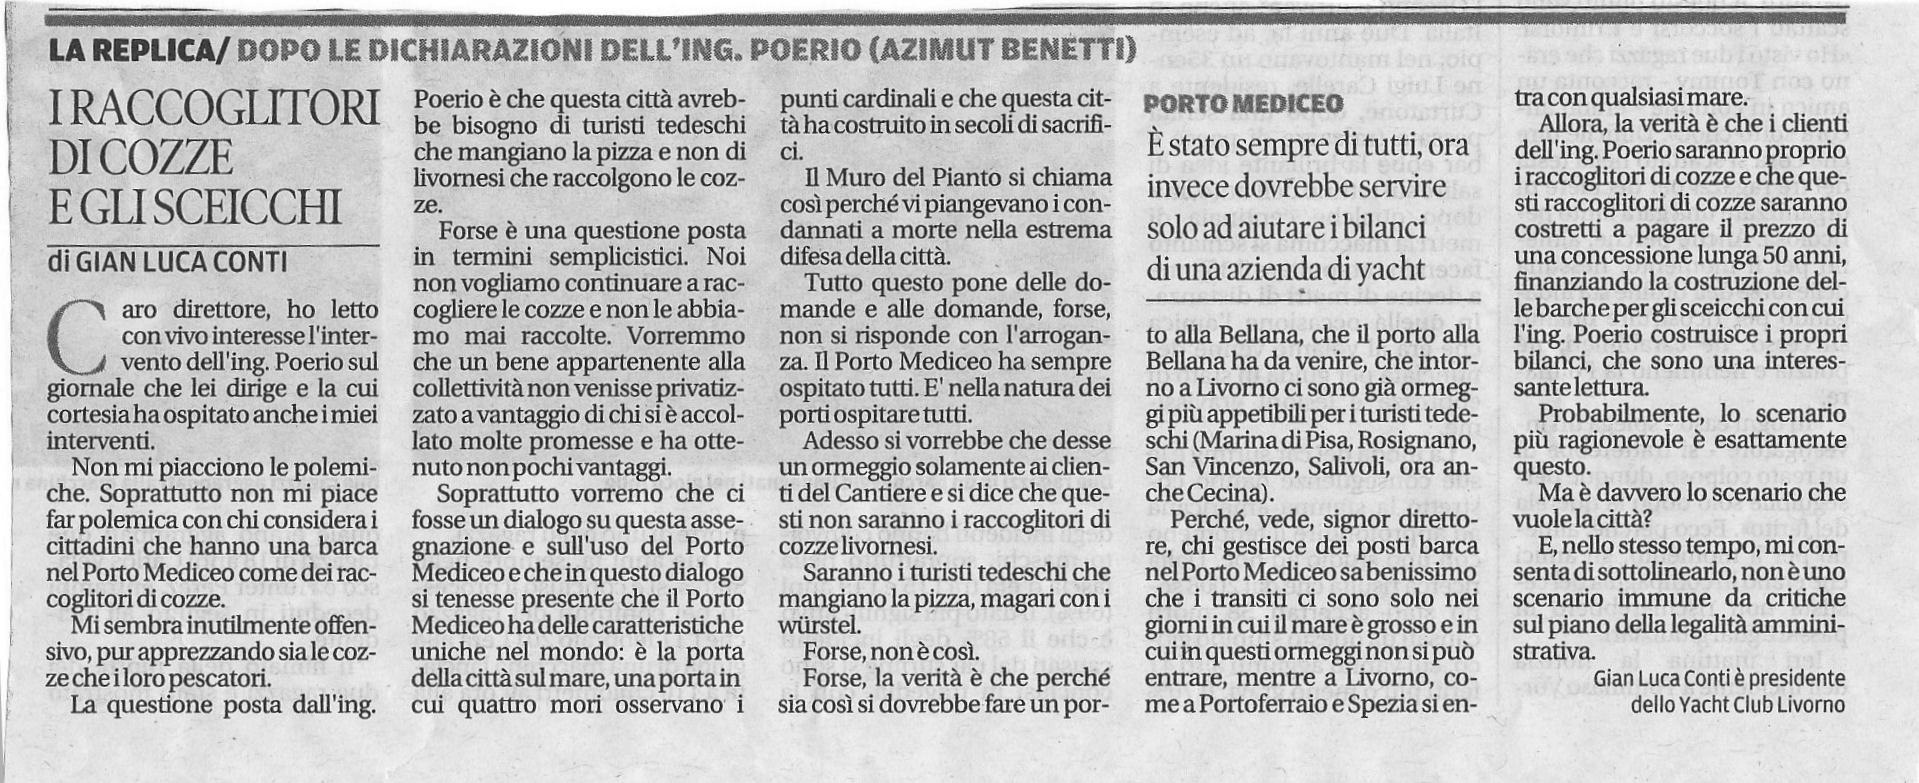 articolo TIRRENO-fixed